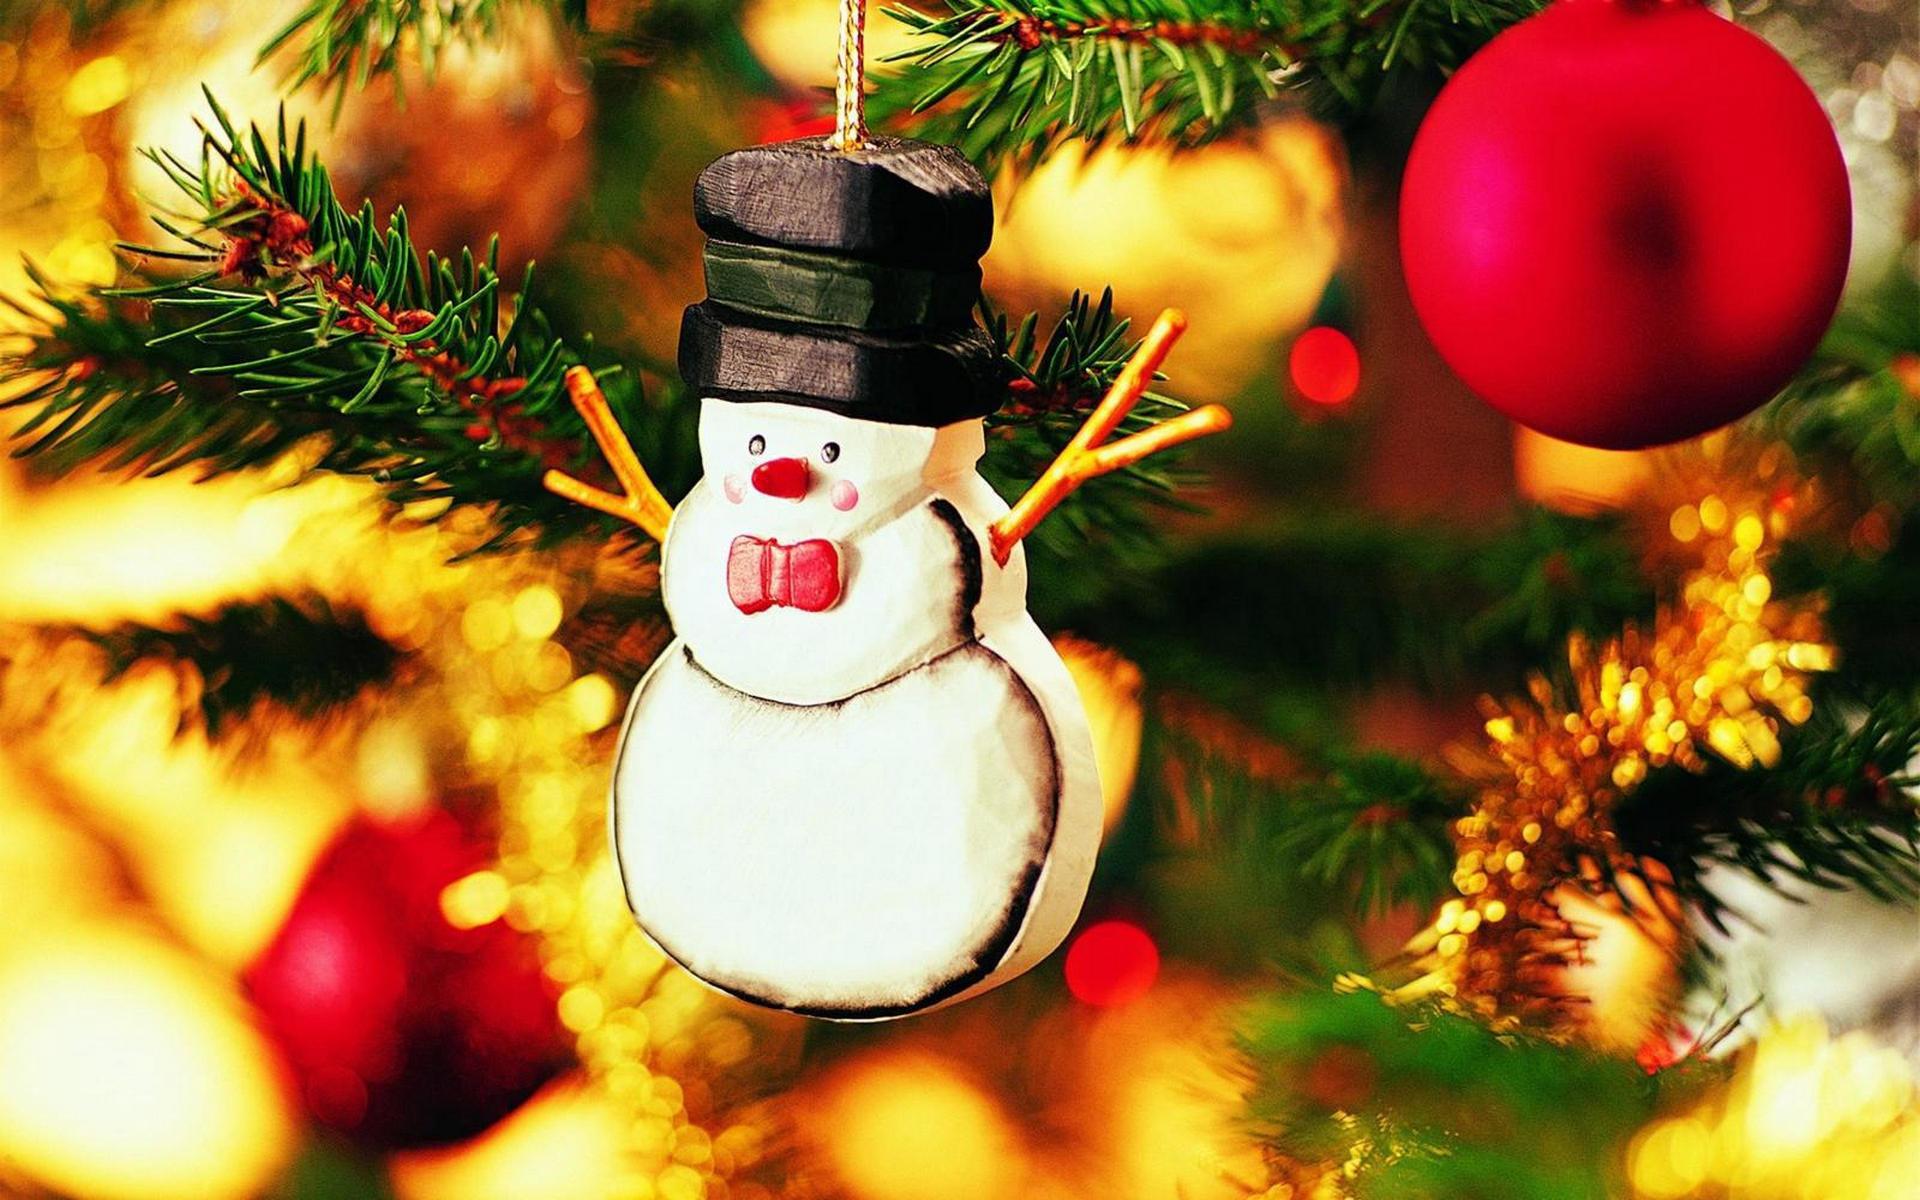 Sfondi locandine 67 immagini for Sfondi natalizi 1920x1080